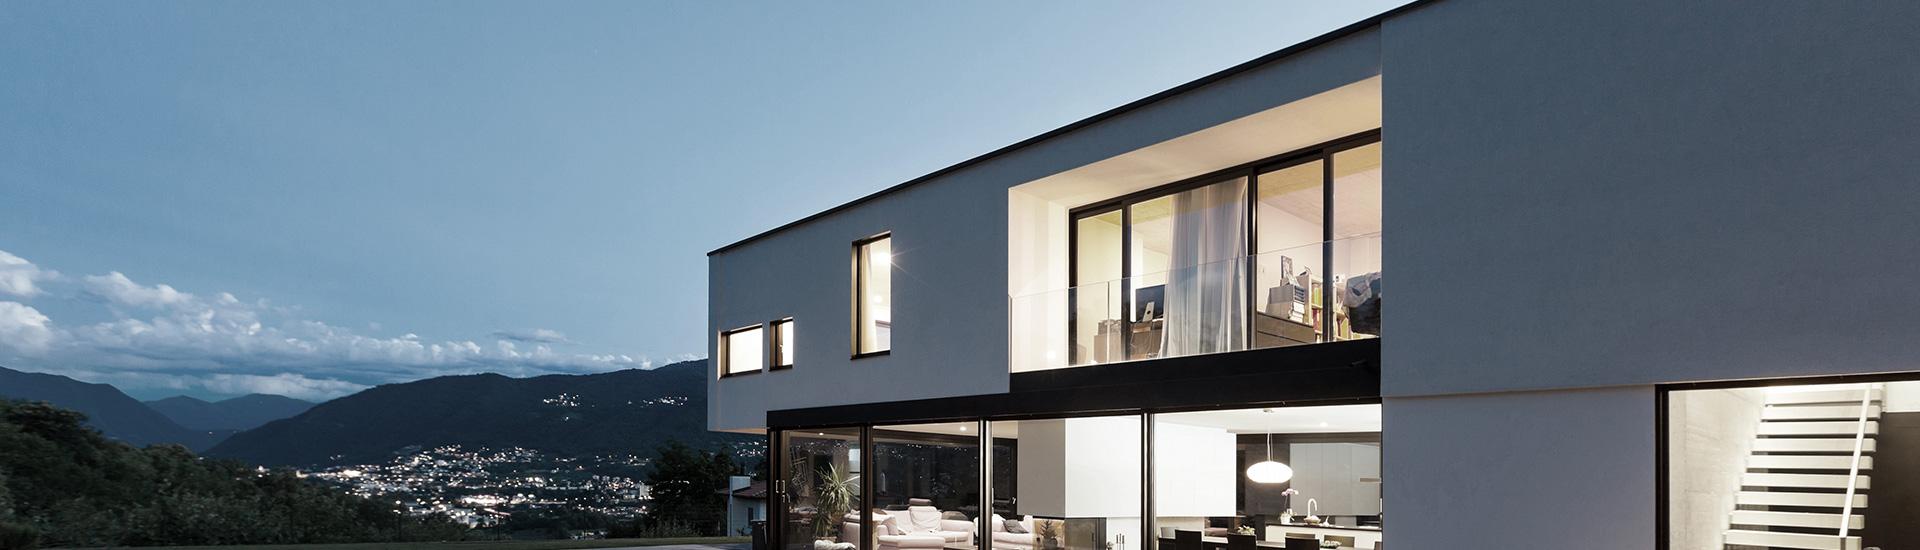 administraçao de condominios residenciais